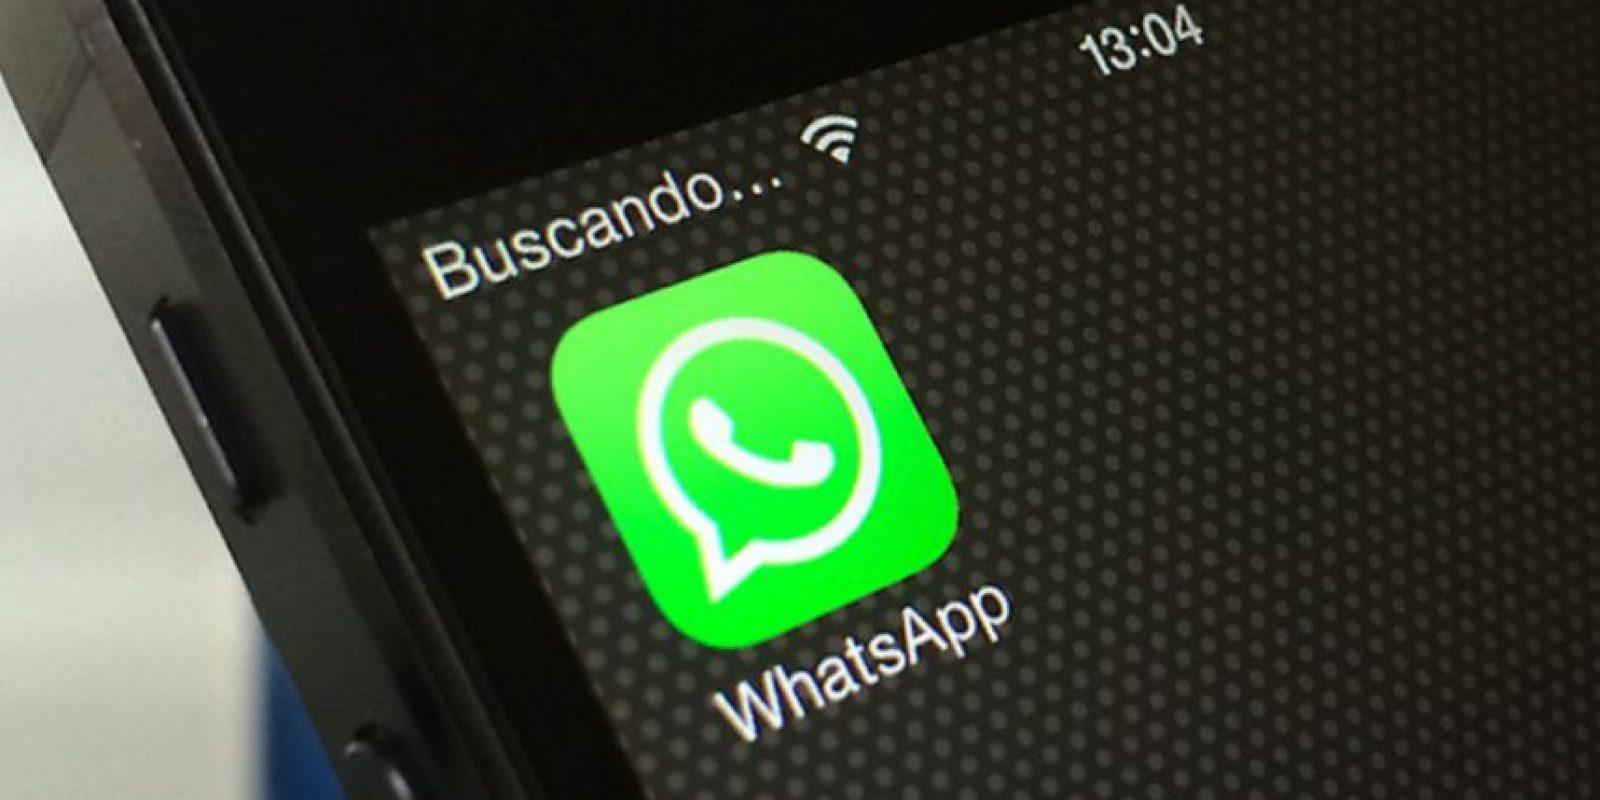 Nicolás Juan, originario del estado de San Luis Potosí, en México, se suicidó después de que su novia no le contestó los mensajes en esta app Foto:AP